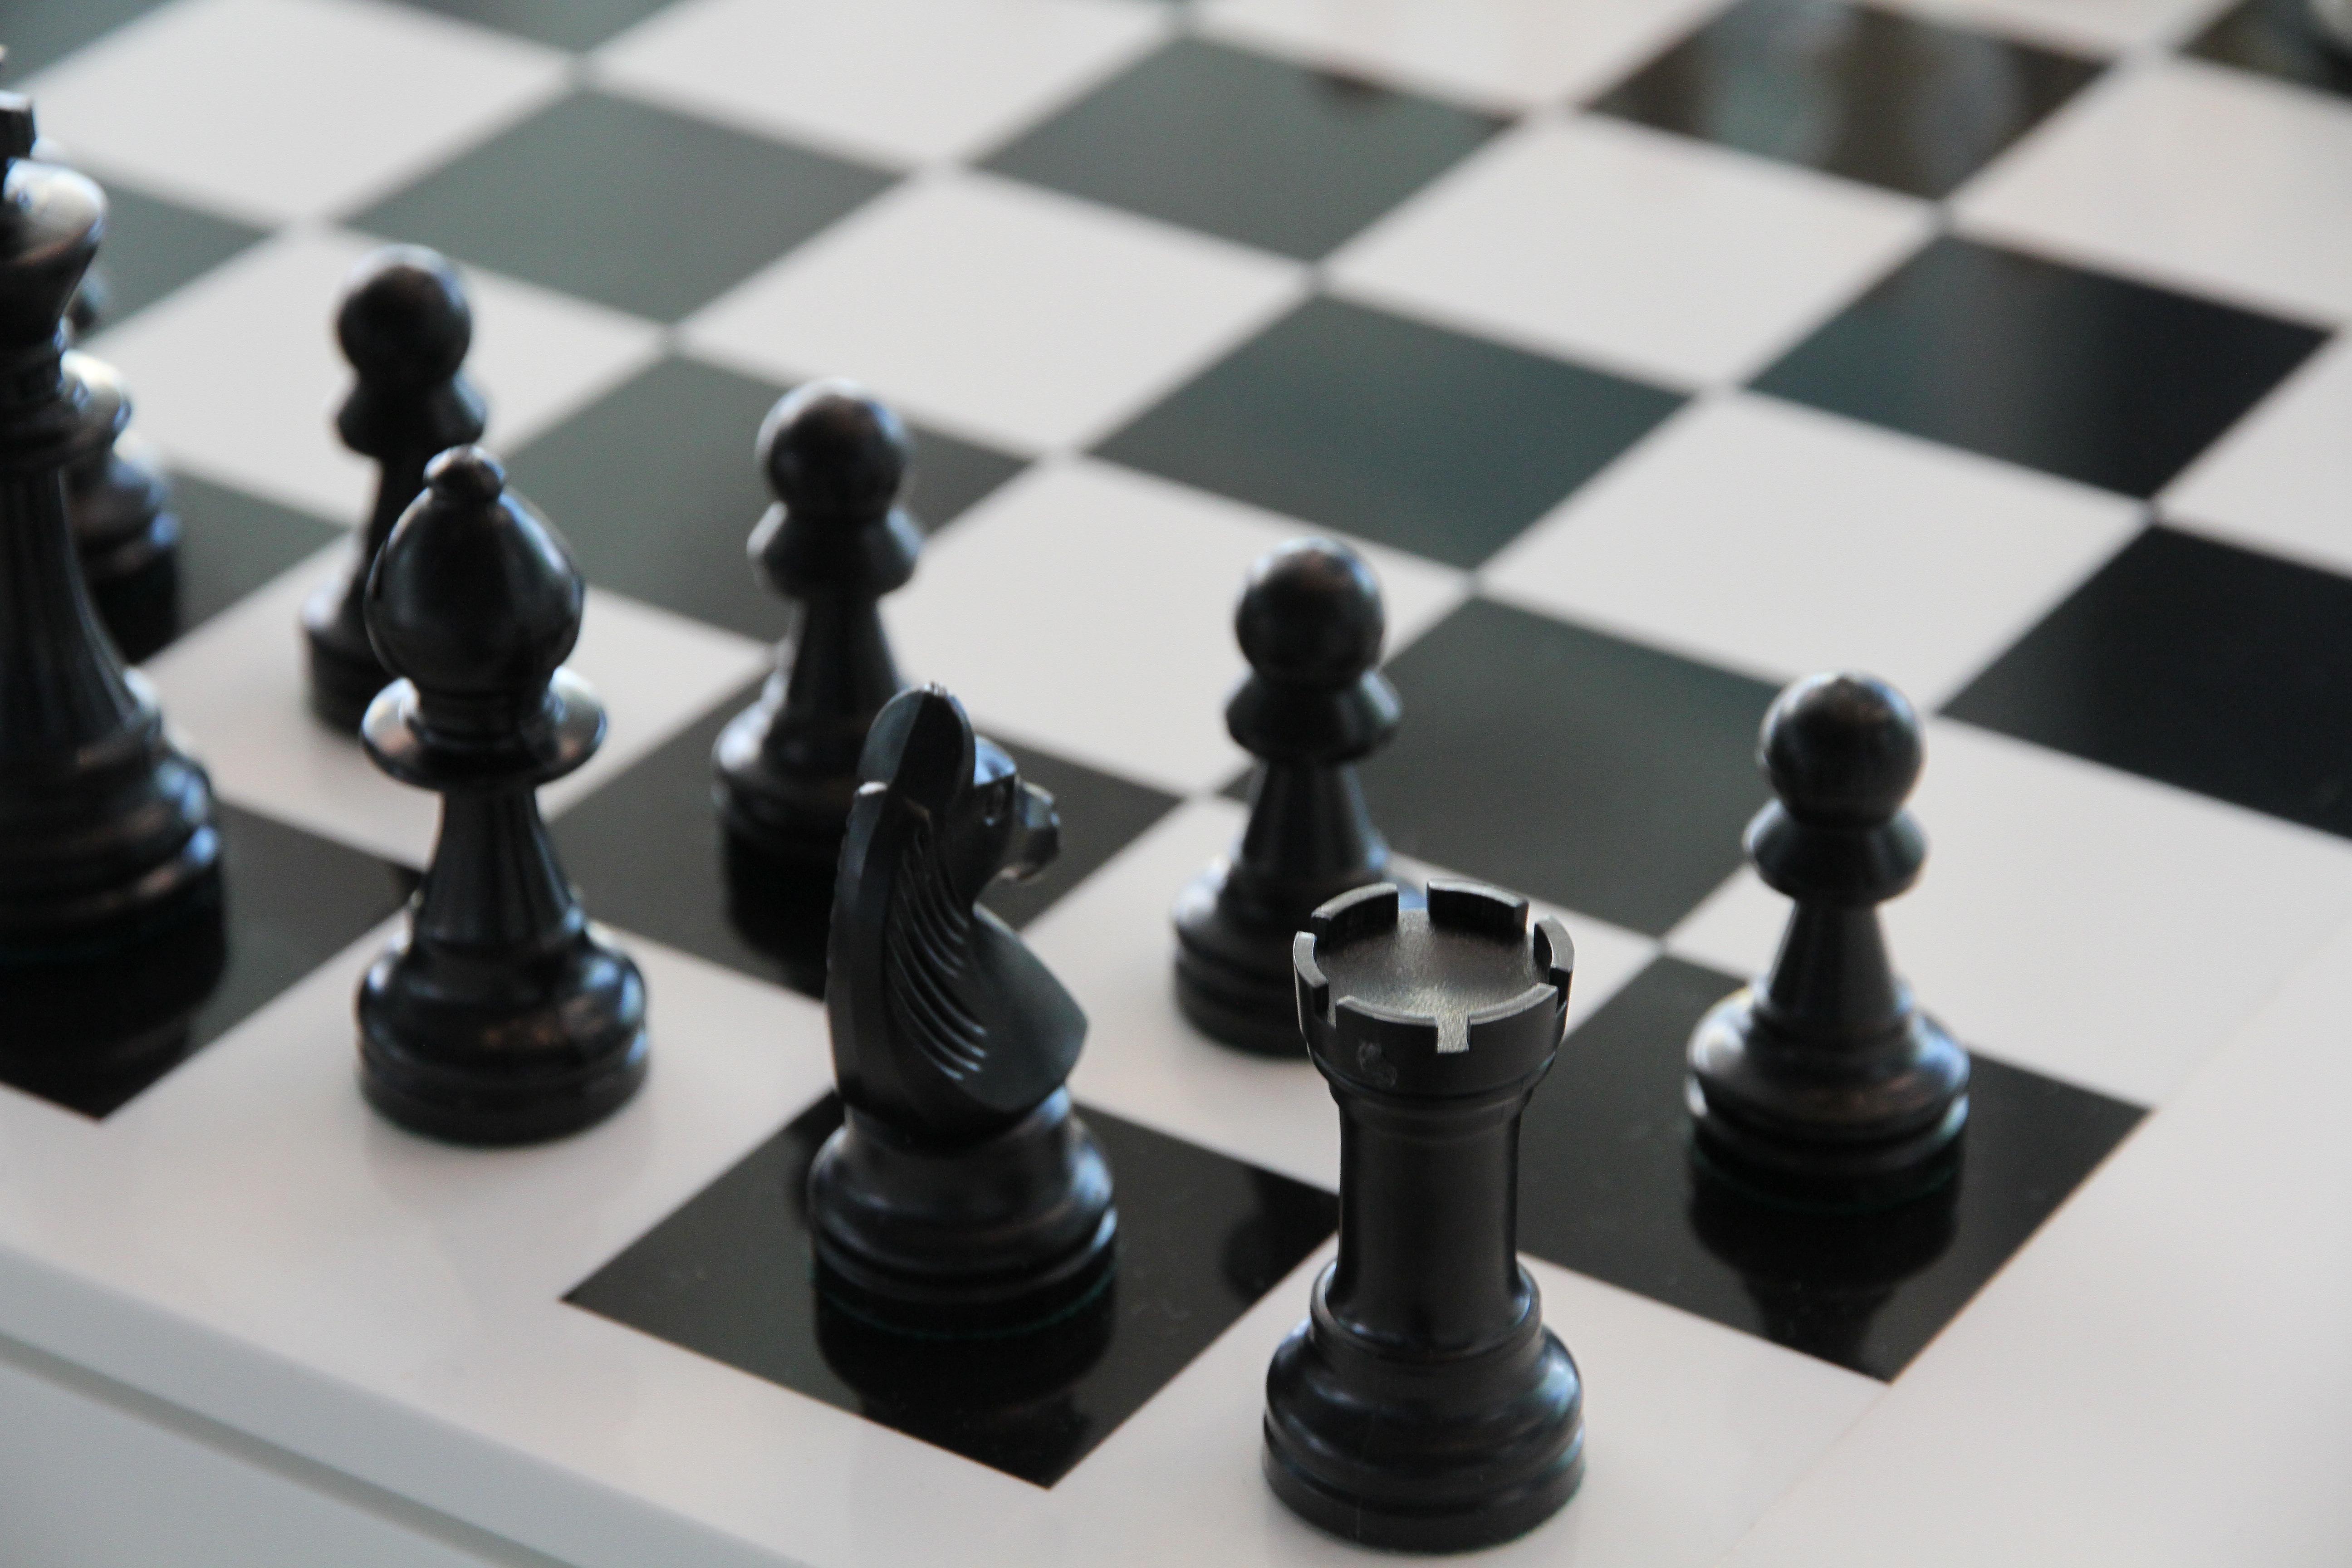 63500 Hintergrundbild herunterladen Chess, Verschiedenes, Sonstige, Form, Formen, Schachbrett - Bildschirmschoner und Bilder kostenlos